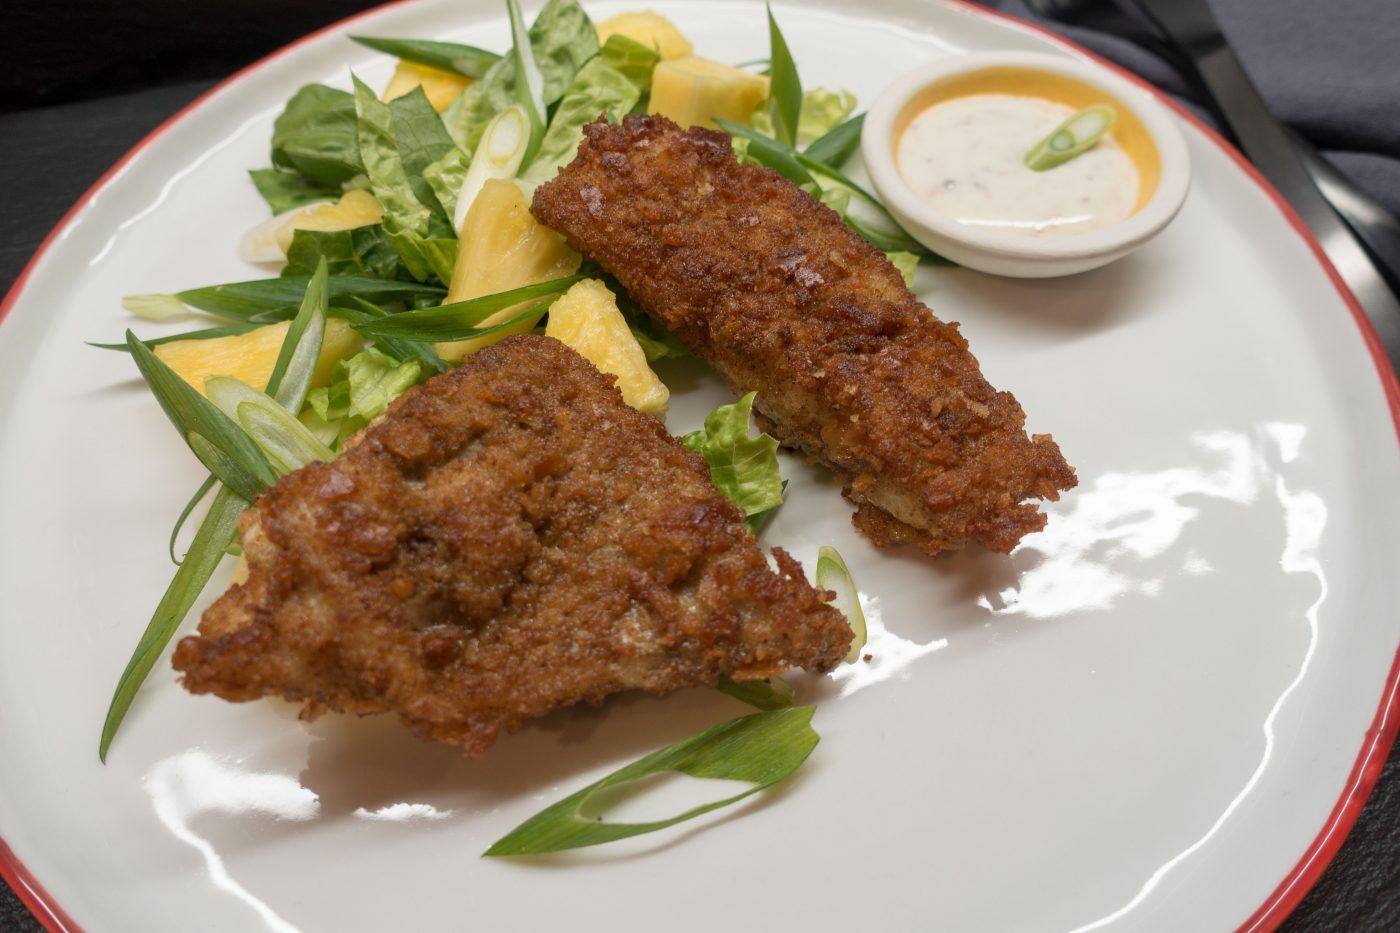 Kross paniertes Seelachs-Filet auf Salat